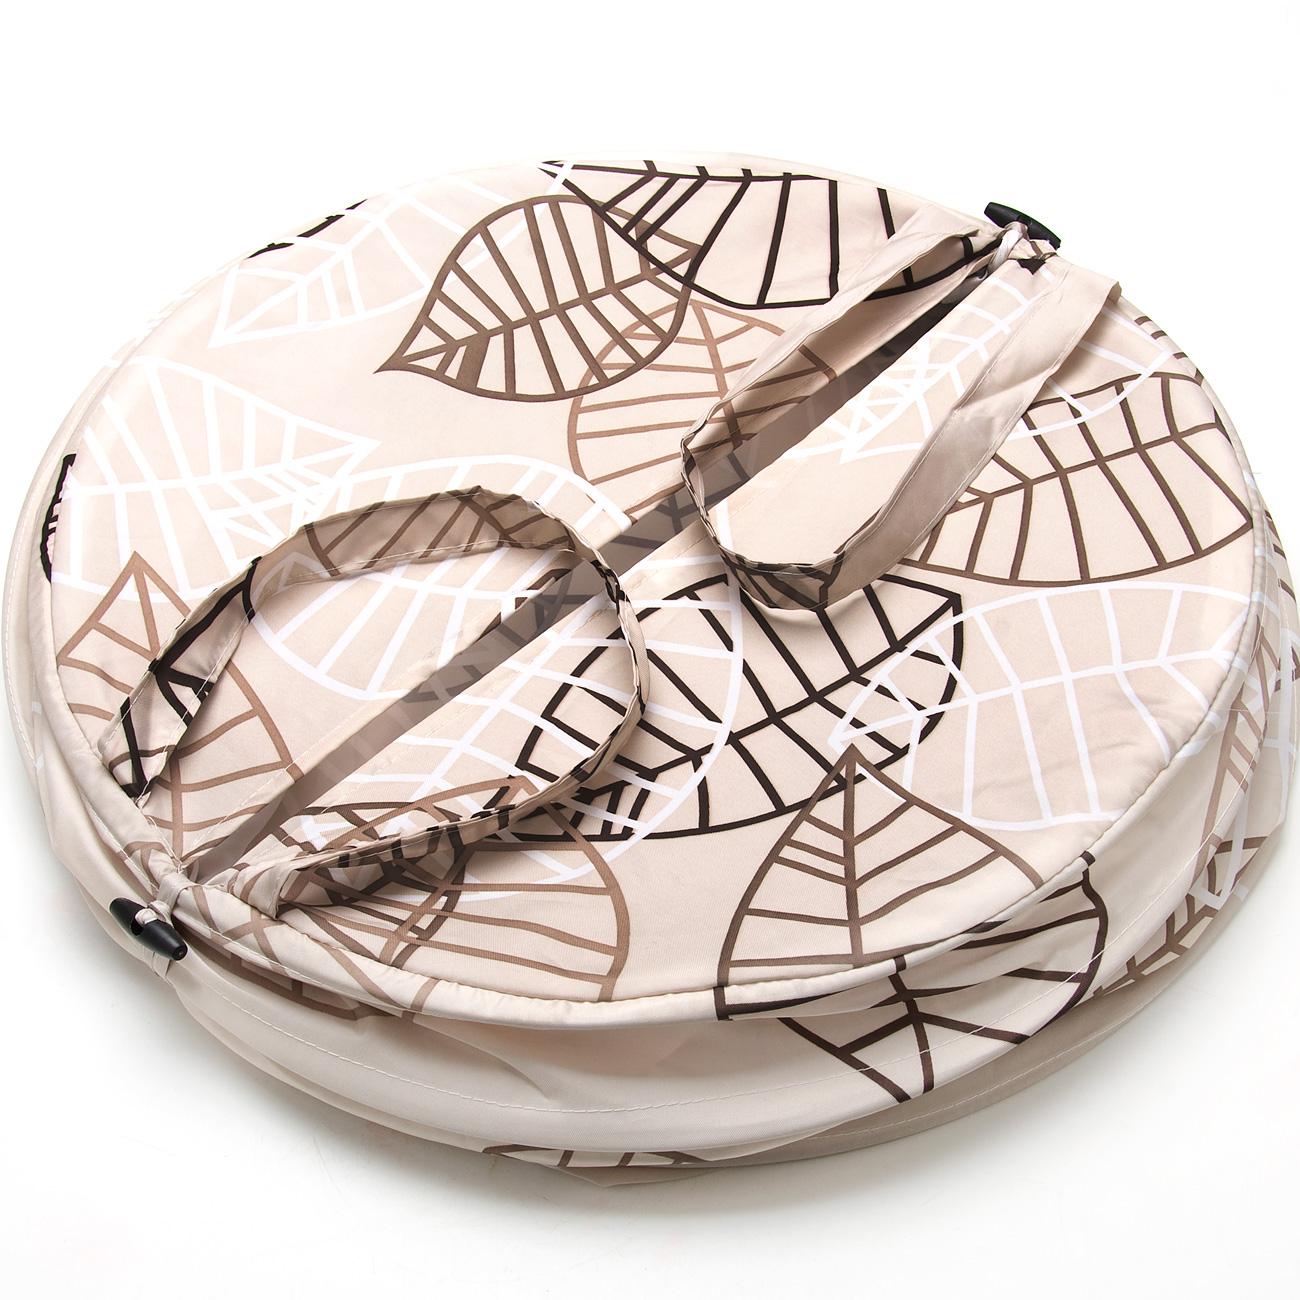 Корзина для белья Aqua Line Пастель, 46 х 53 см1300033BСкладывающаяся корзина для белья выполнена из прочного материала, приятного на ощупь, устойчивого к разрывам и проколам. Корзина снабжена двумя удобными ручками для переноски и закрывается сверху на молнию. Корзина очень удобна в использовании - в собранном виде она обладает вместительным объемом, а в сложенном, напротив, занимает очень мало места.Размер корзины: 46 х 53 см.